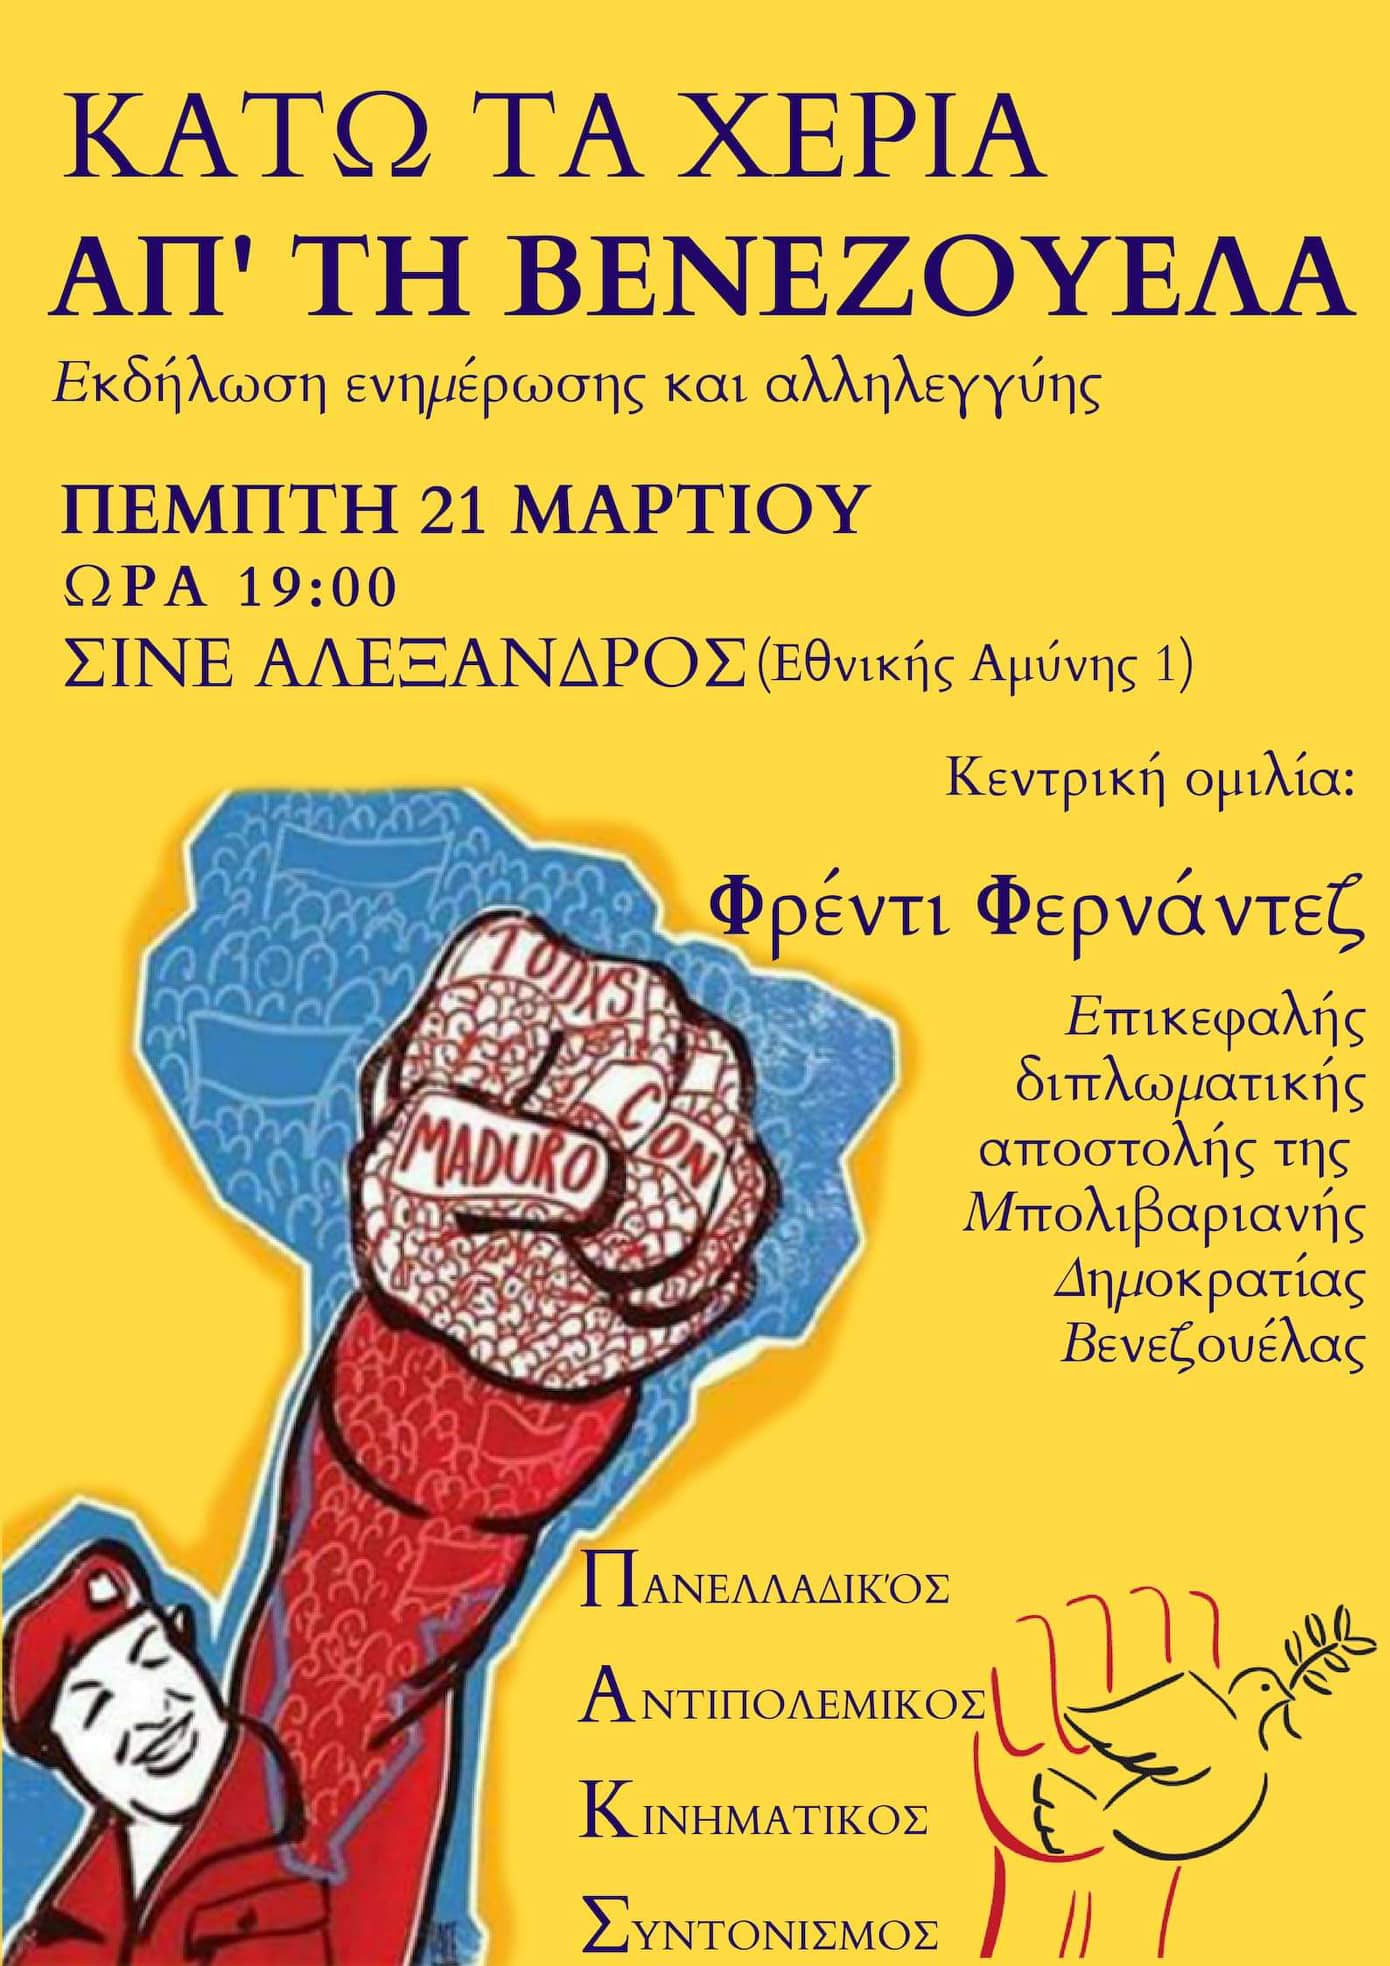 Εκδήλωση με τον Πρέσβη της Βενεζουέλας στη Θεσσαλονίκη